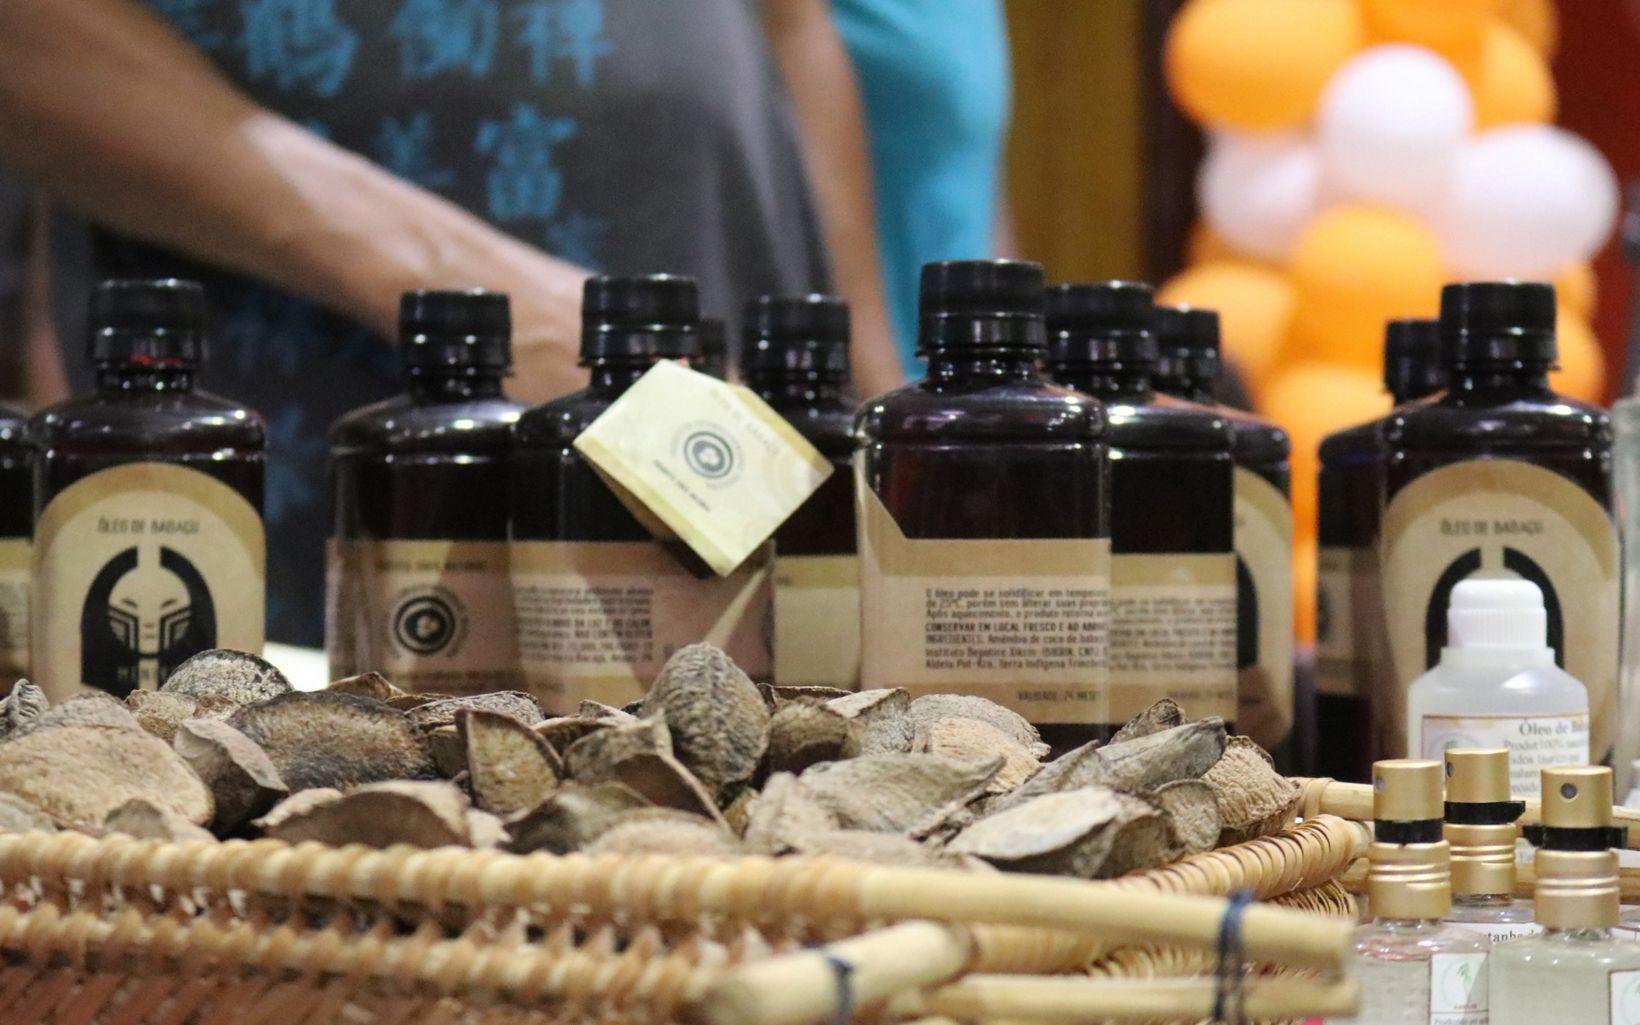 Óleo de babaçu e castanha do pará na exposição de produtos da floresta com os quais o povo indígena Xikrin trabalha, com suporte da TNC.